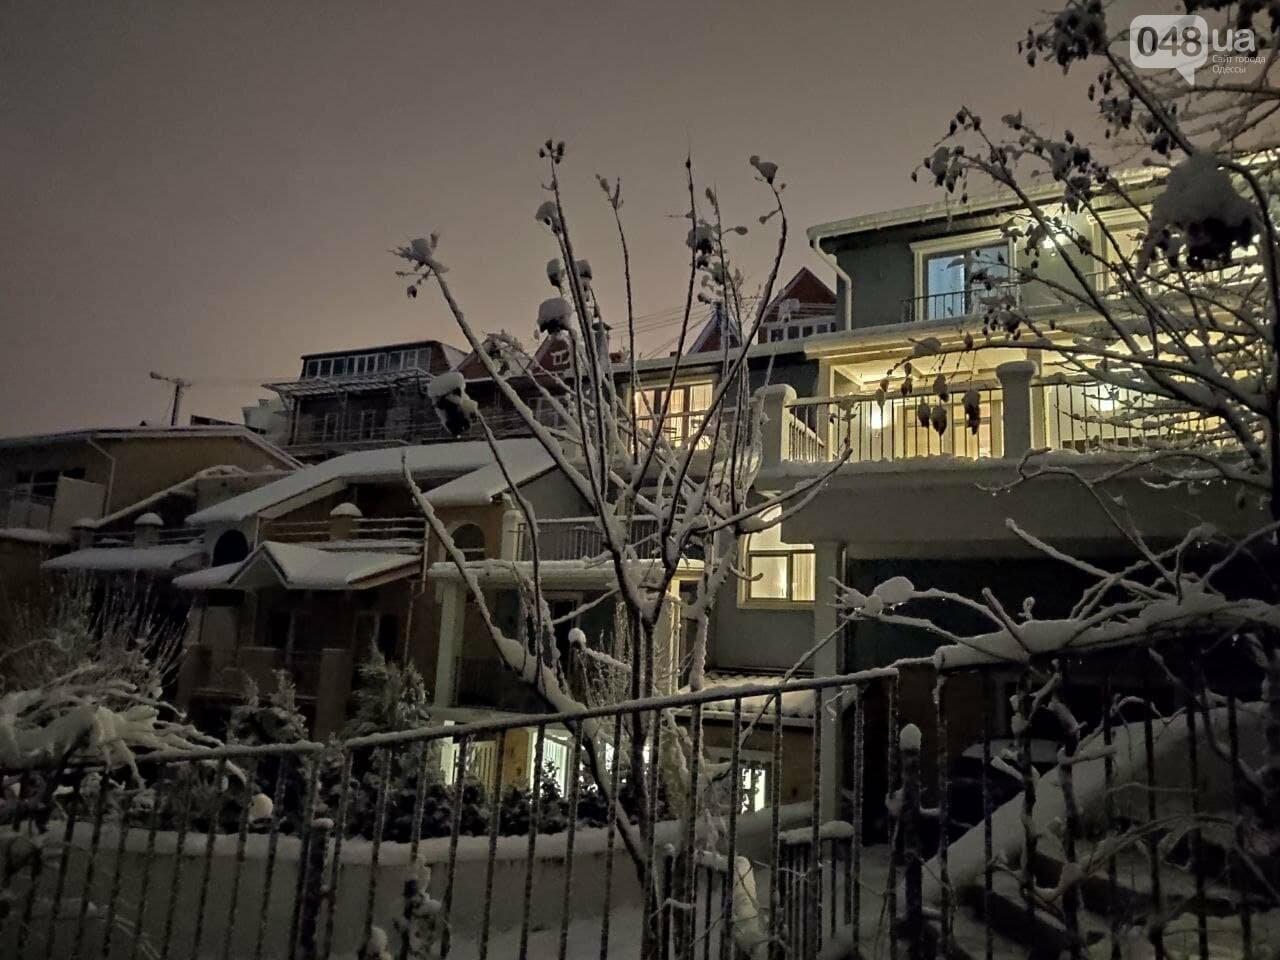 Зимняя сказка на одесской Рублевке: как выглядит Совиньон в снегу, - ФОТОРЕПОРТАЖ, фото-8